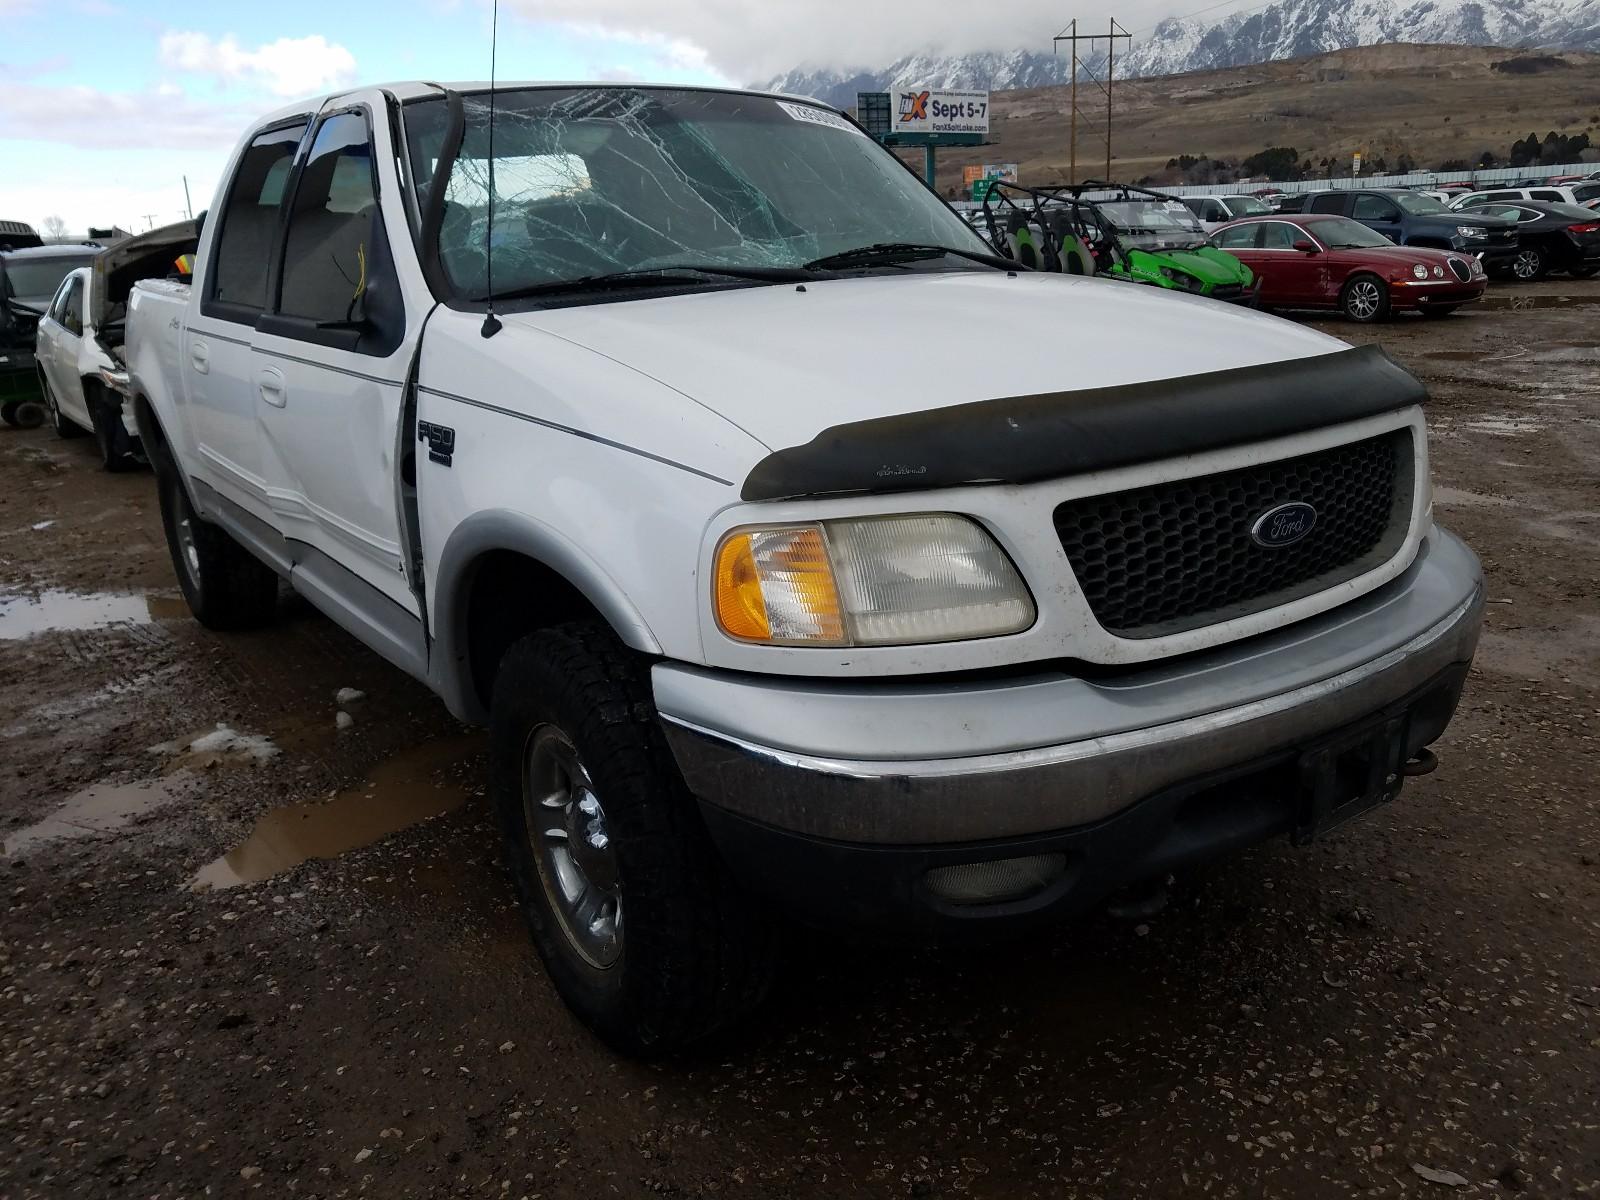 1FTRW08L01KB33707 - 2001 Ford F150 Super 5.4L Left View